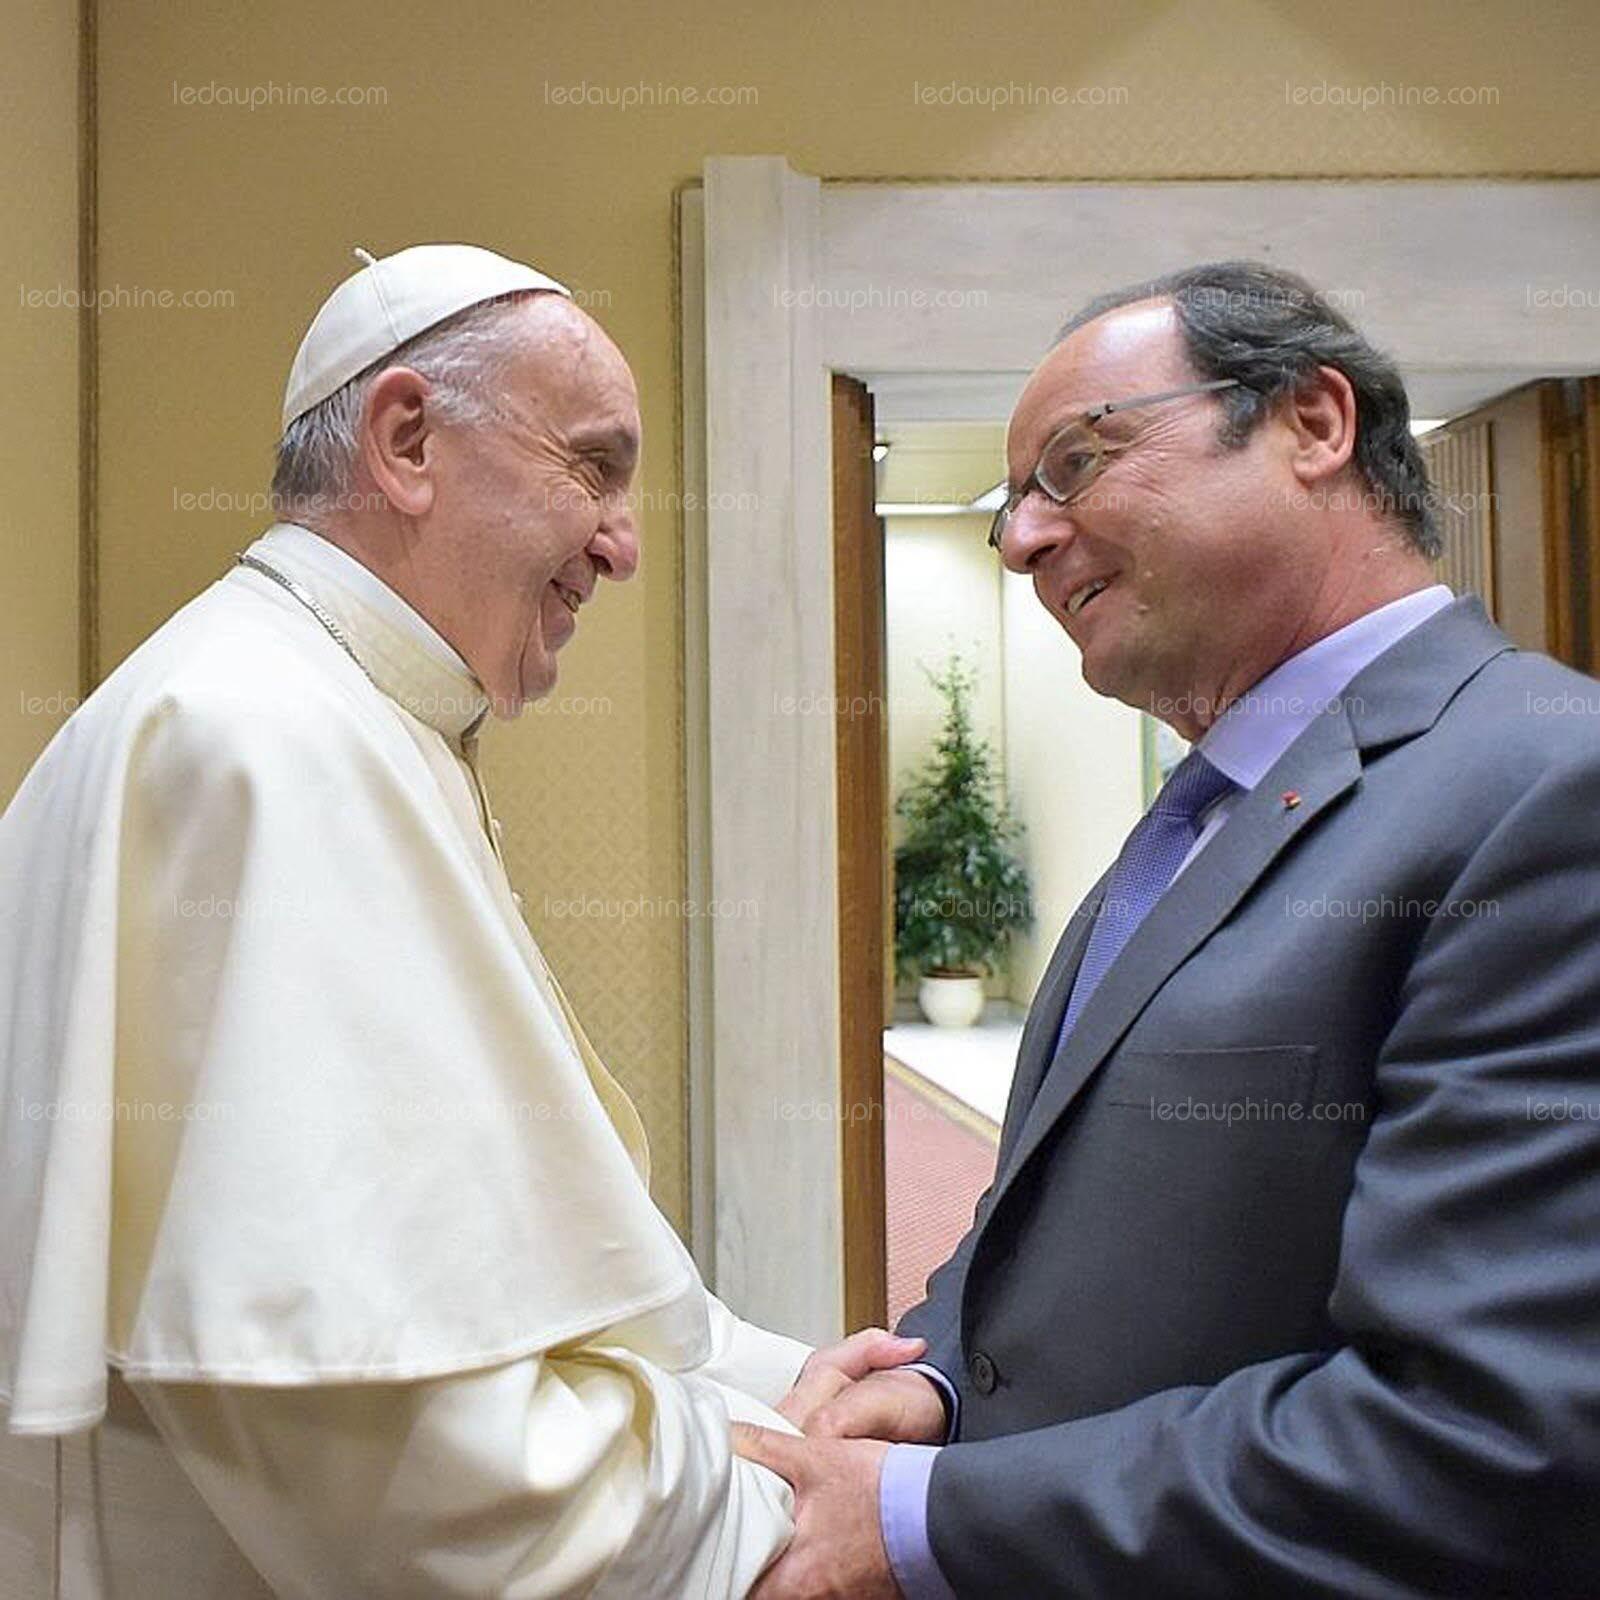 VIDEO. Rencontre historique entre deux papes à Castel Gandolfo